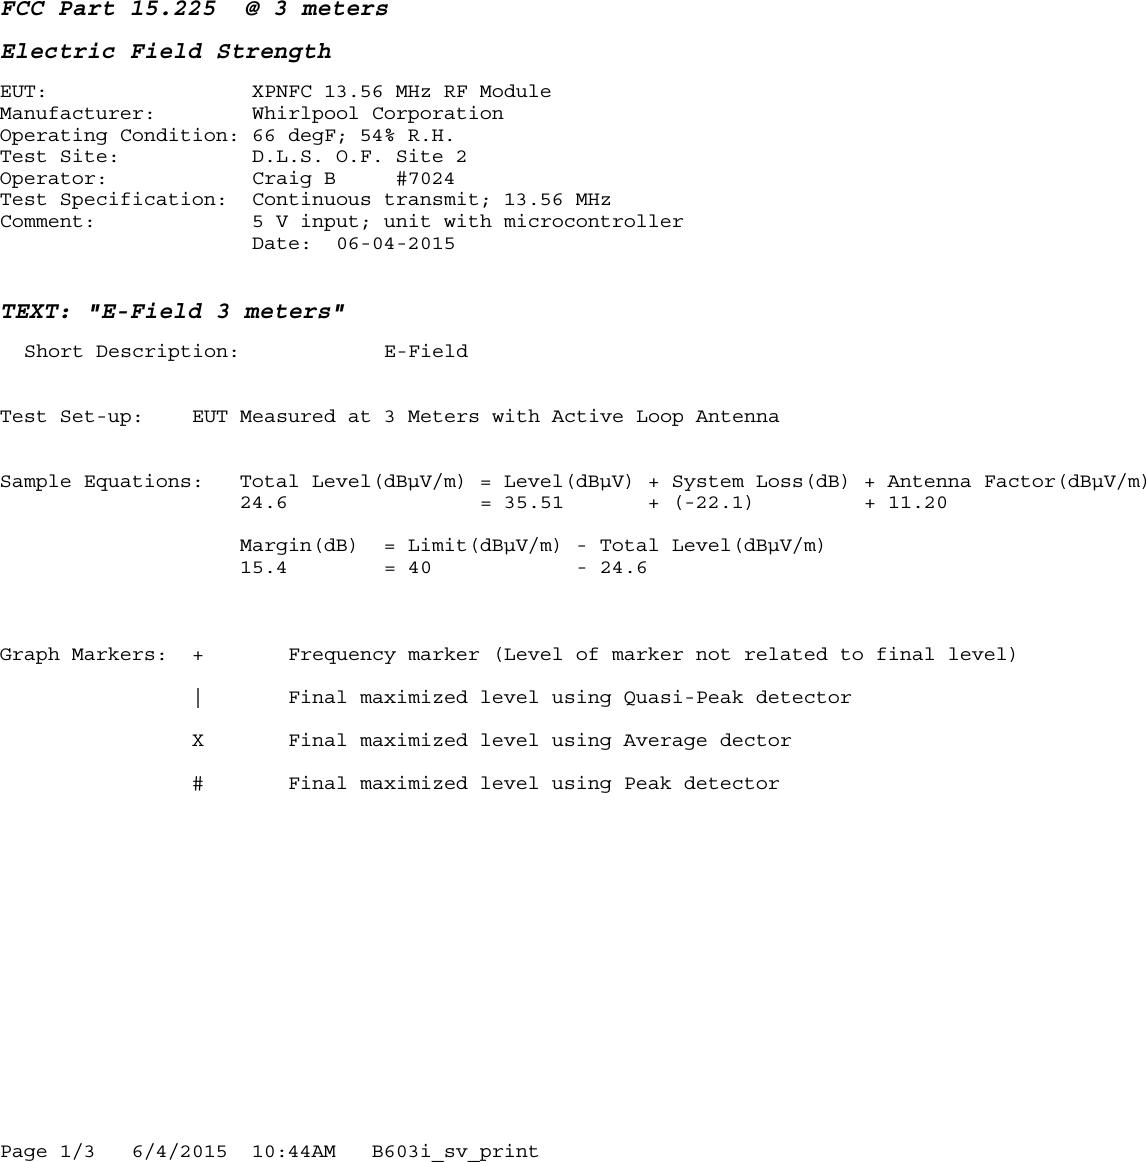 Whirlpool Garten Test Frisch Xpnfc Nfc Module Test Report Whirlpool